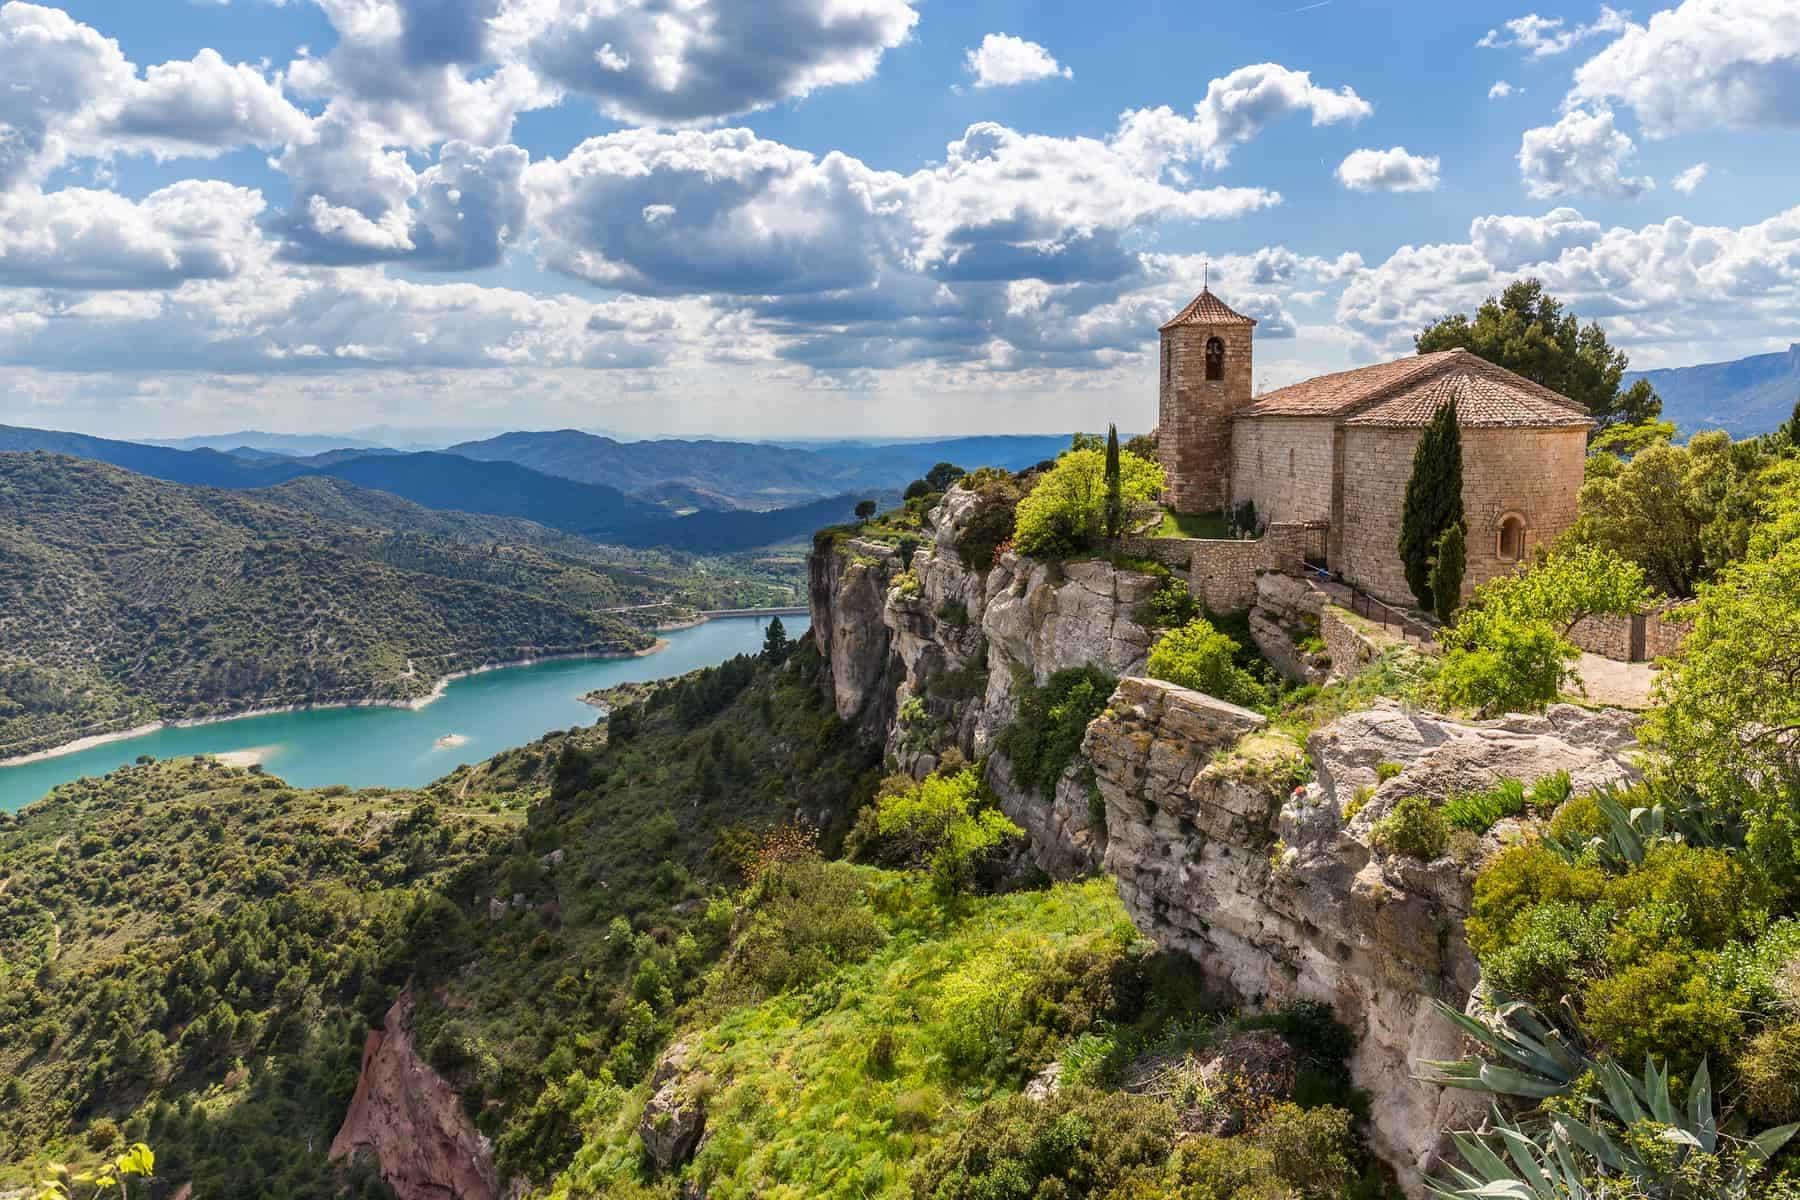 Romersk kirke. Santa Maria de Siurana i Catalonia